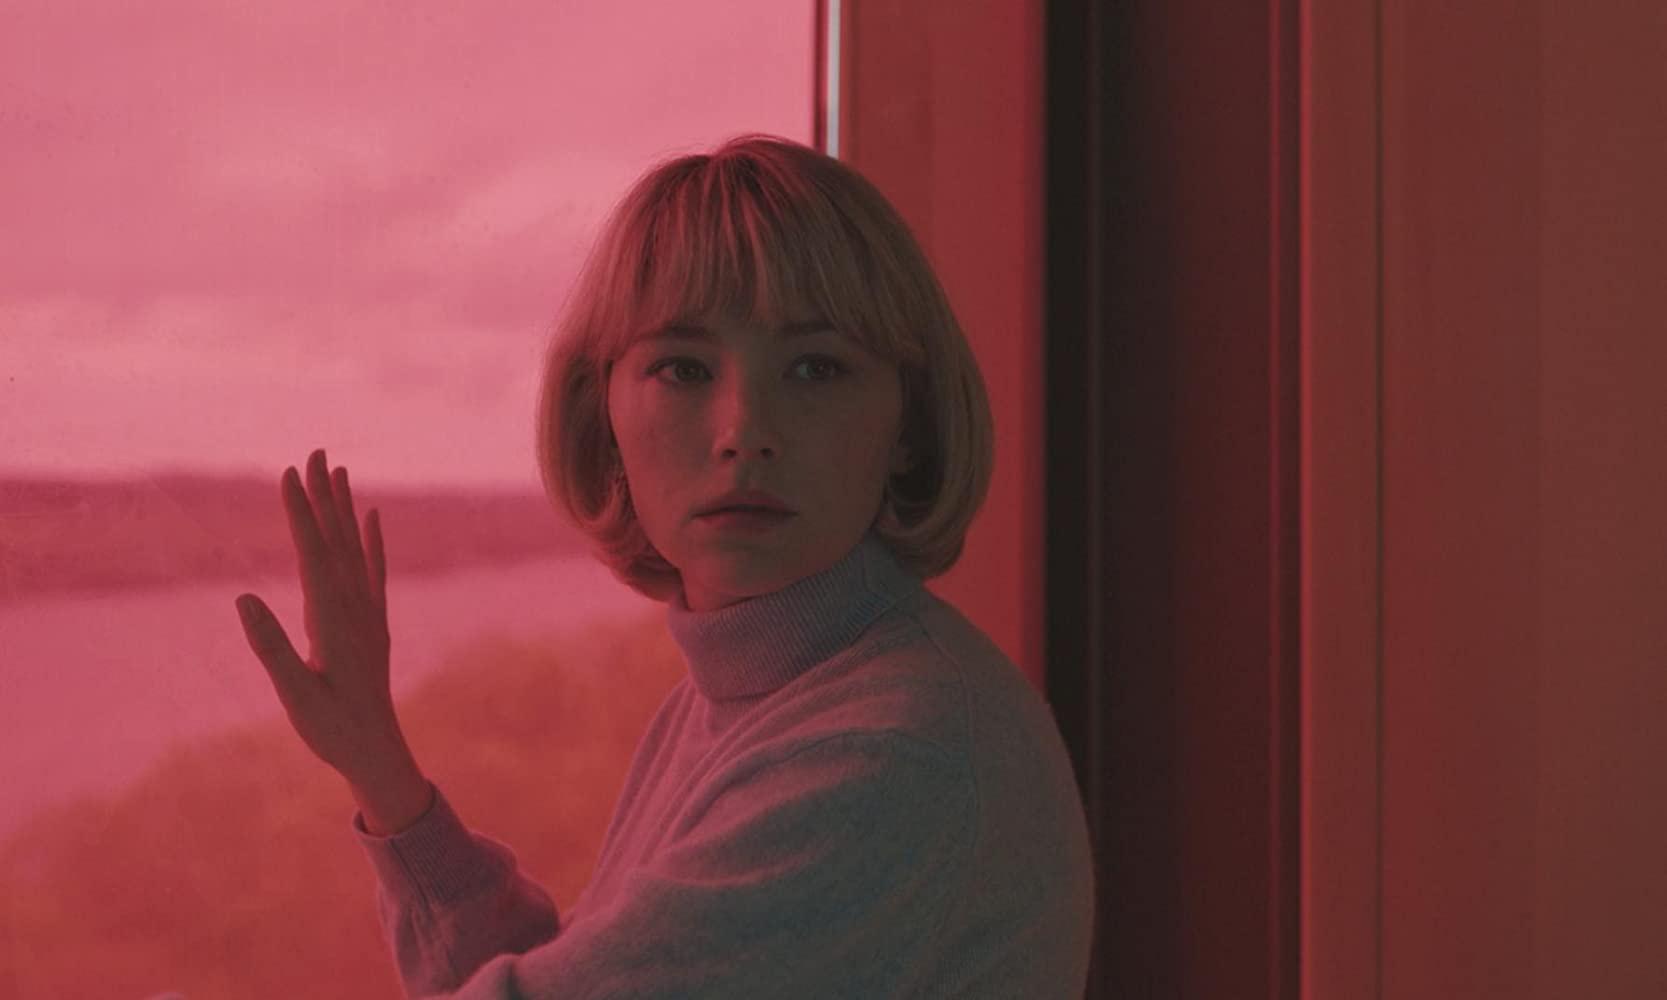 海莉确认加盟游改电影《无主之地》 &布兰切特合作